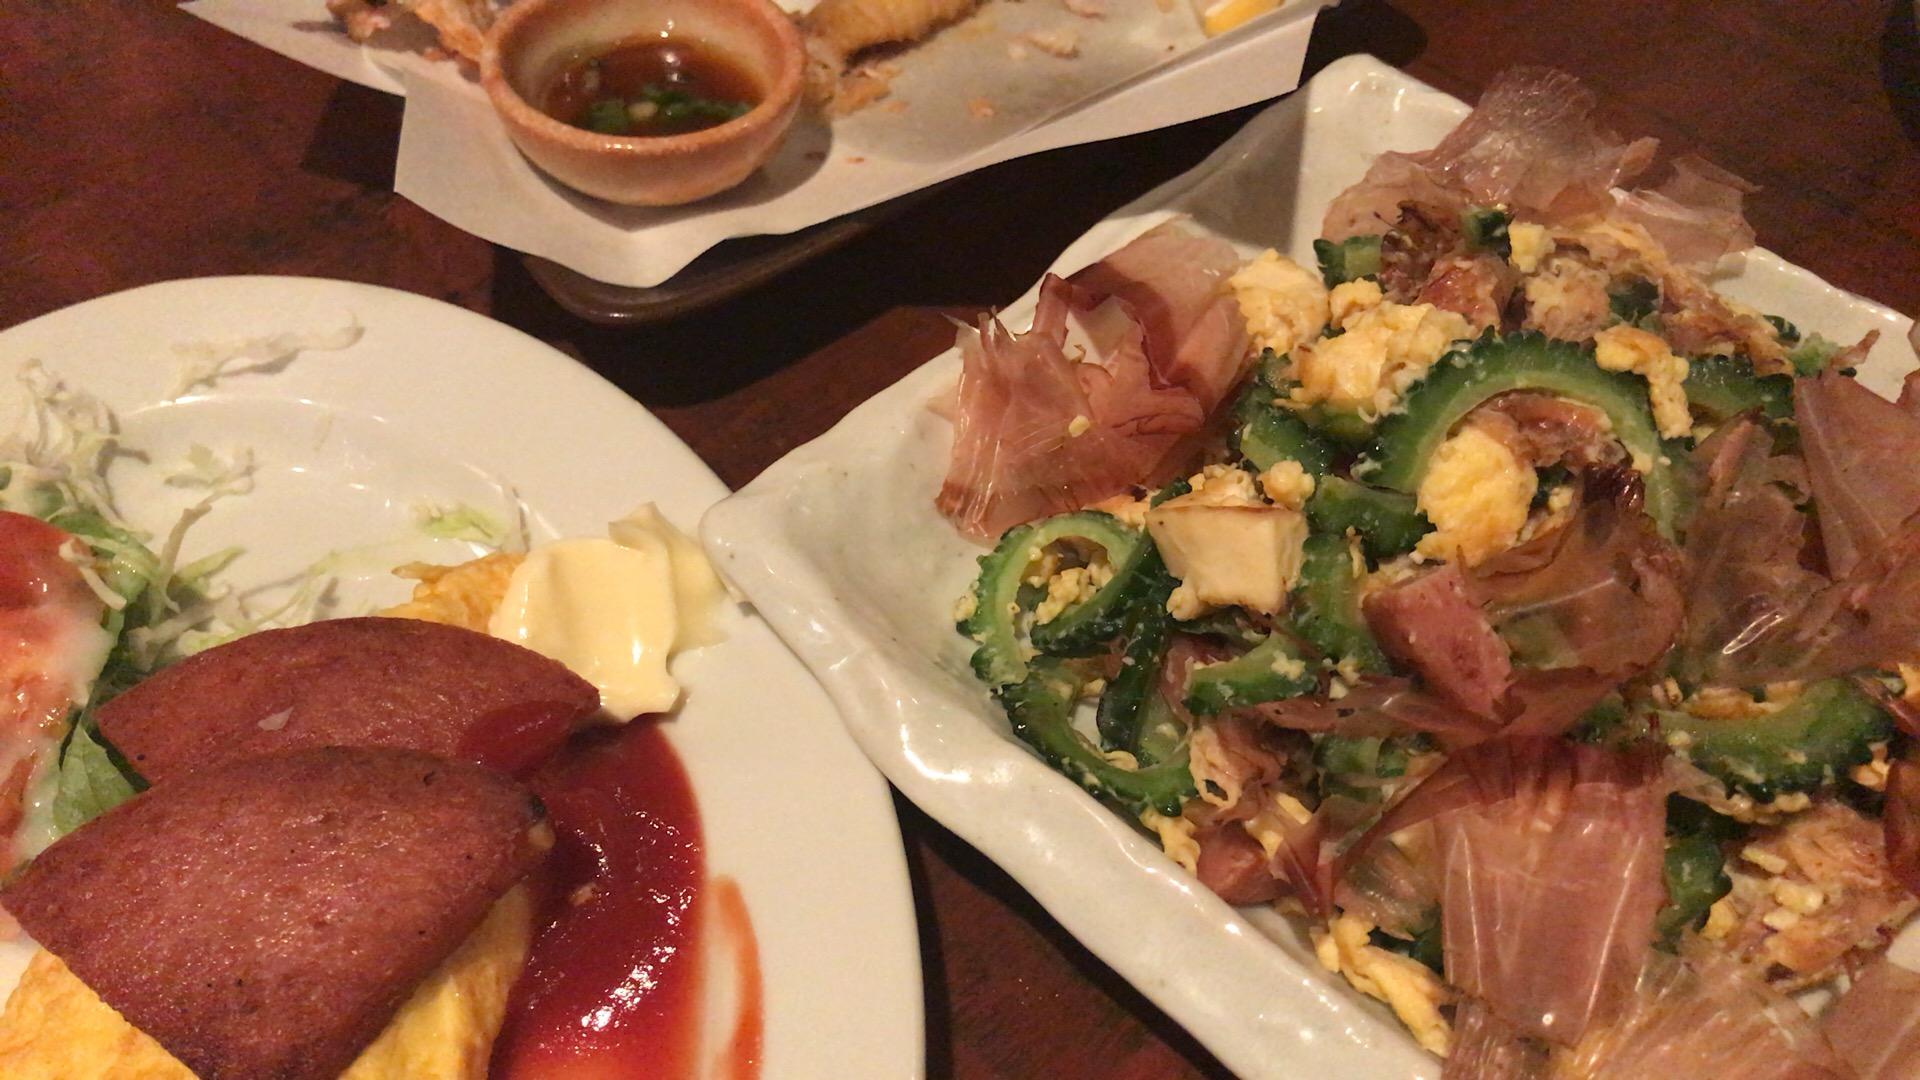 札幌・中央区 泡盛と沖縄料理 星空料理店